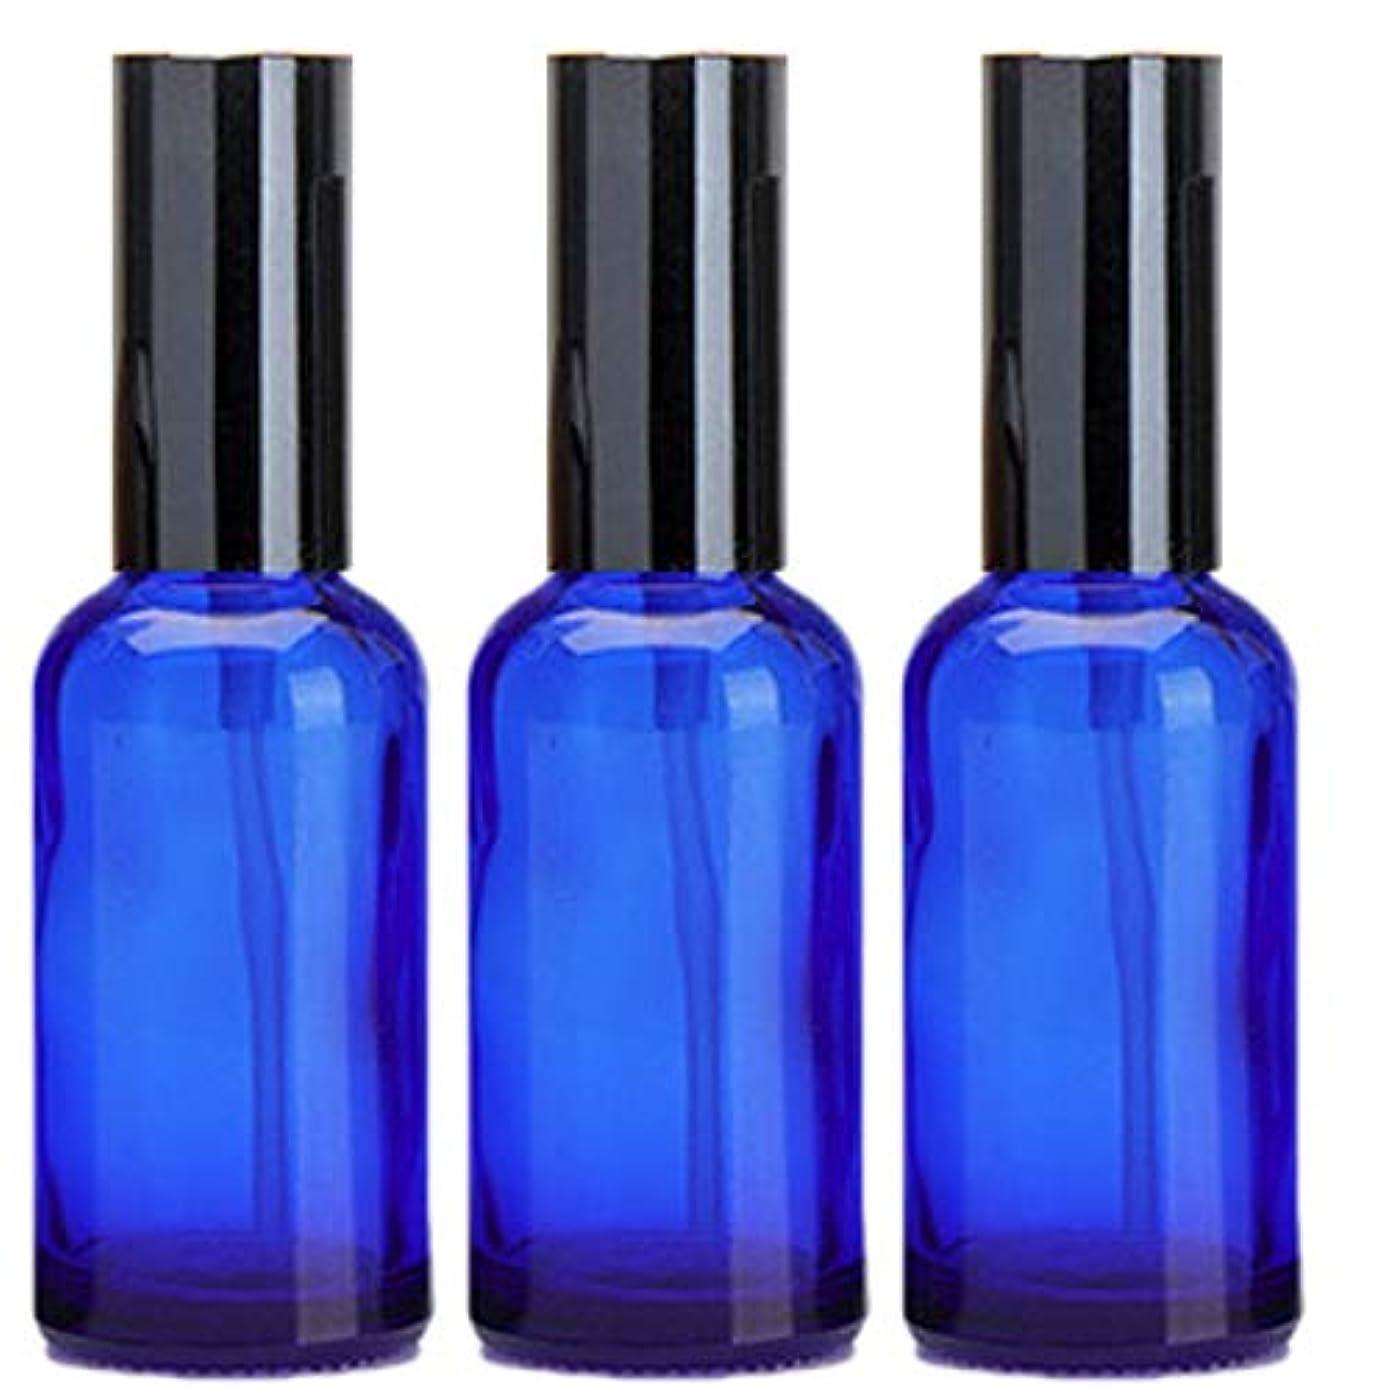 ビート不完全不毛乳液 ボトル 3本セット クリーム容器 アロマクリーム ハンドクリーム 遮光瓶 ガラス 瓶 アロマ ボトル ビン 保存 詰替え 青色 ブルー (30m?3本)